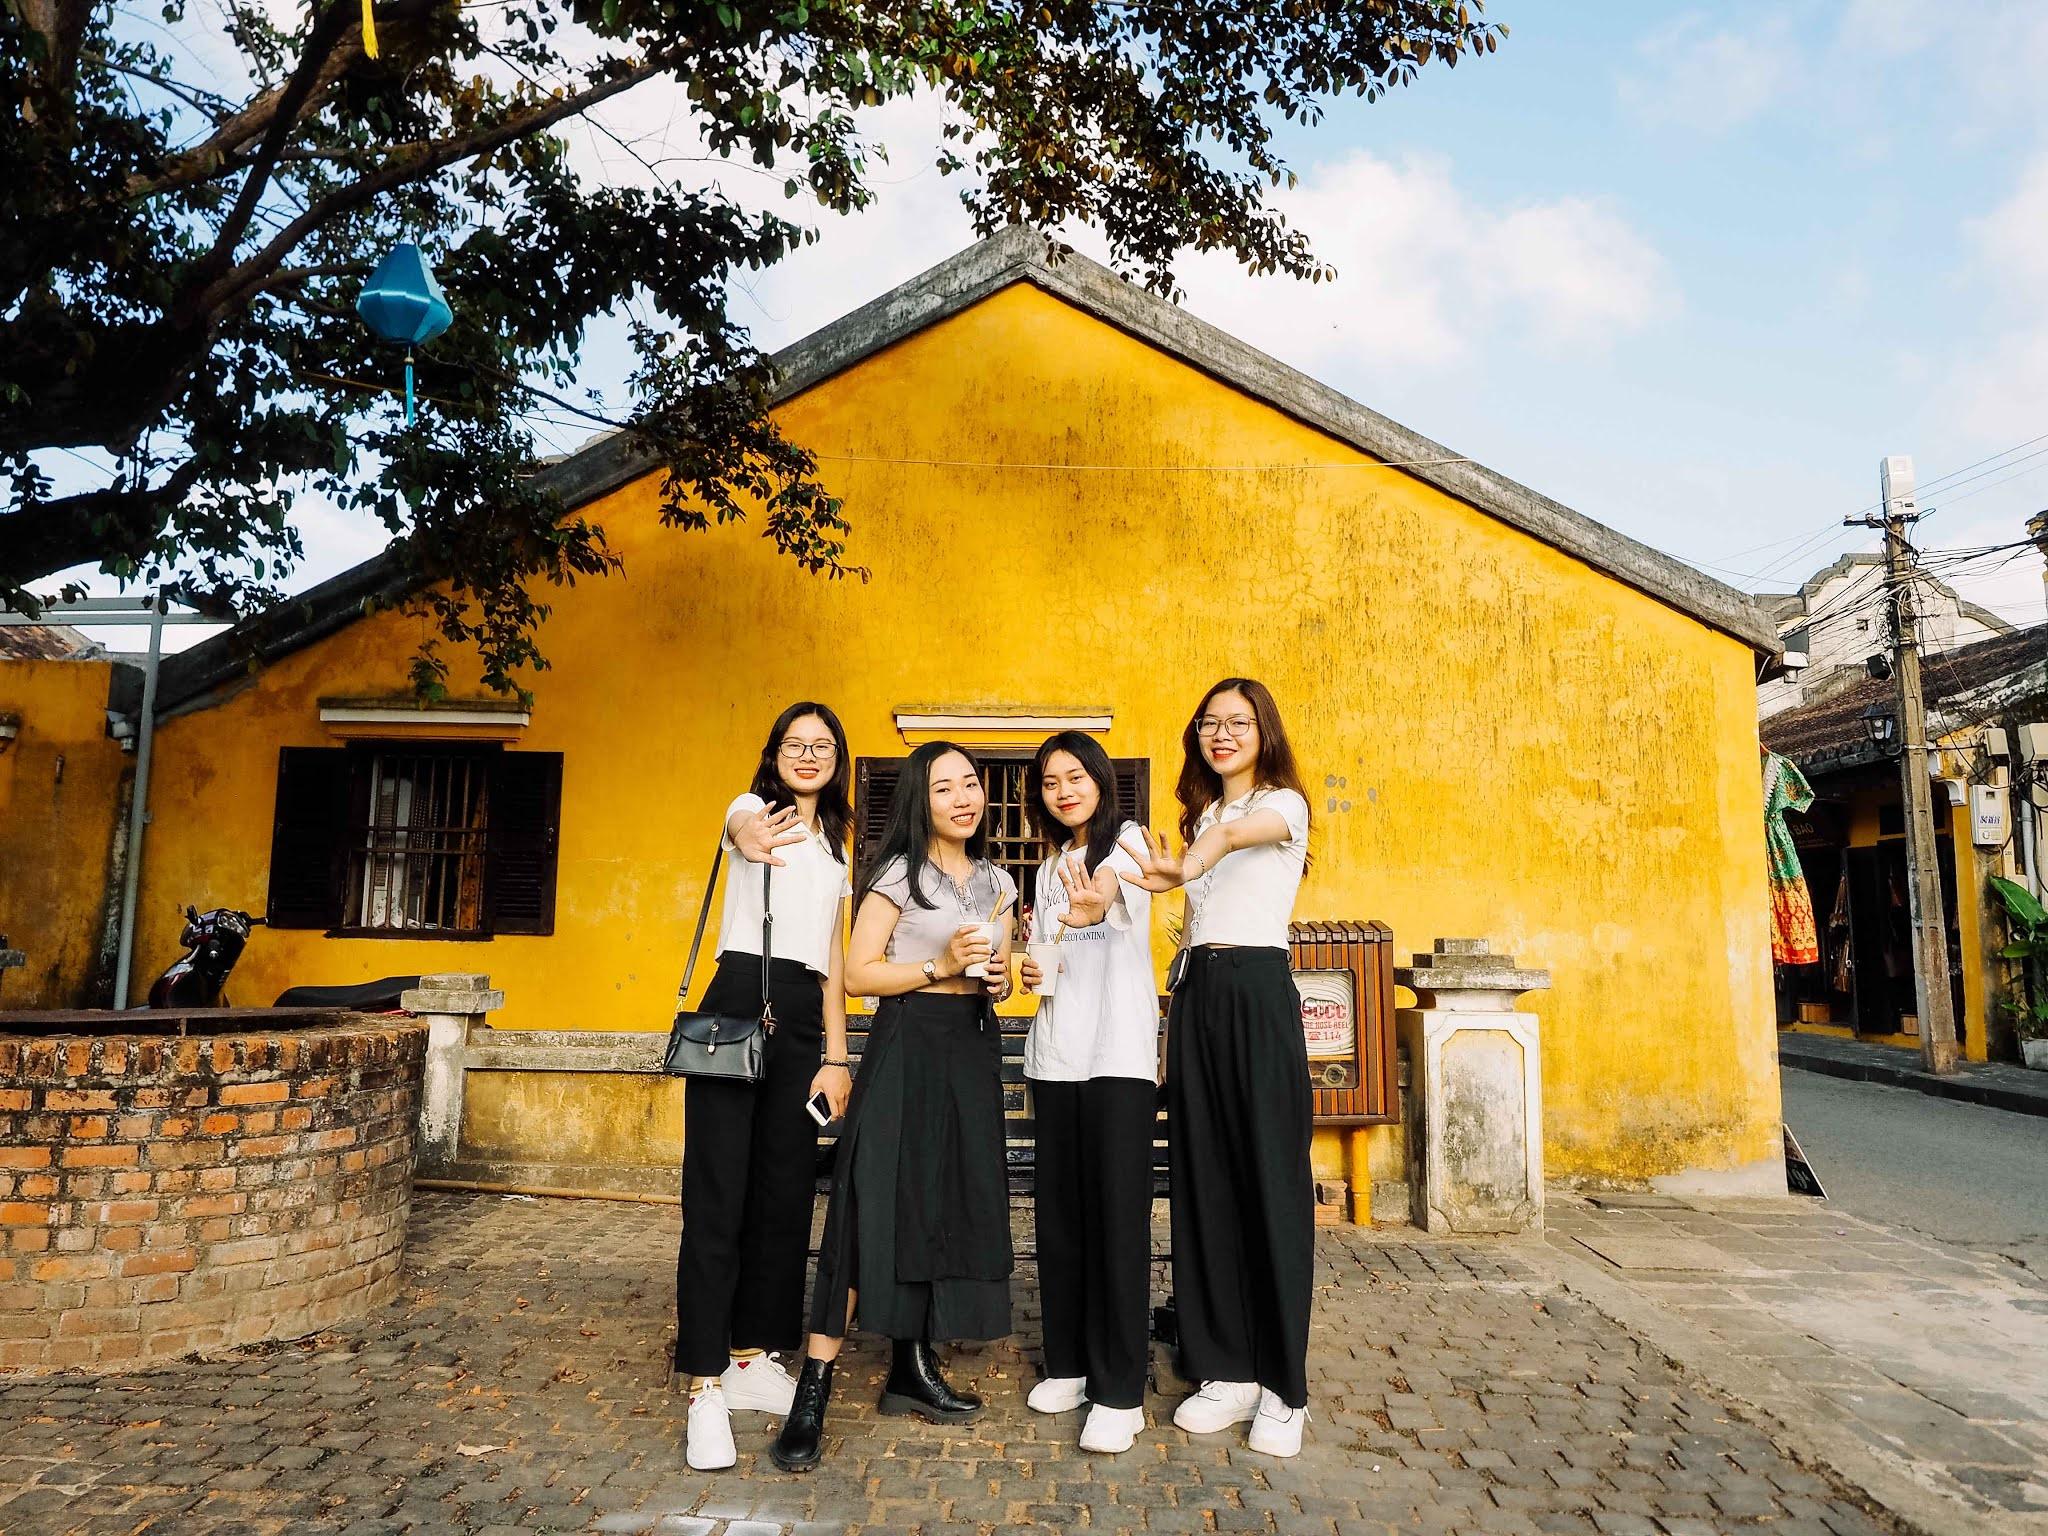 Tuyển mẫu ảnh chân dung tại Đà Nẵng, Quảng Nam